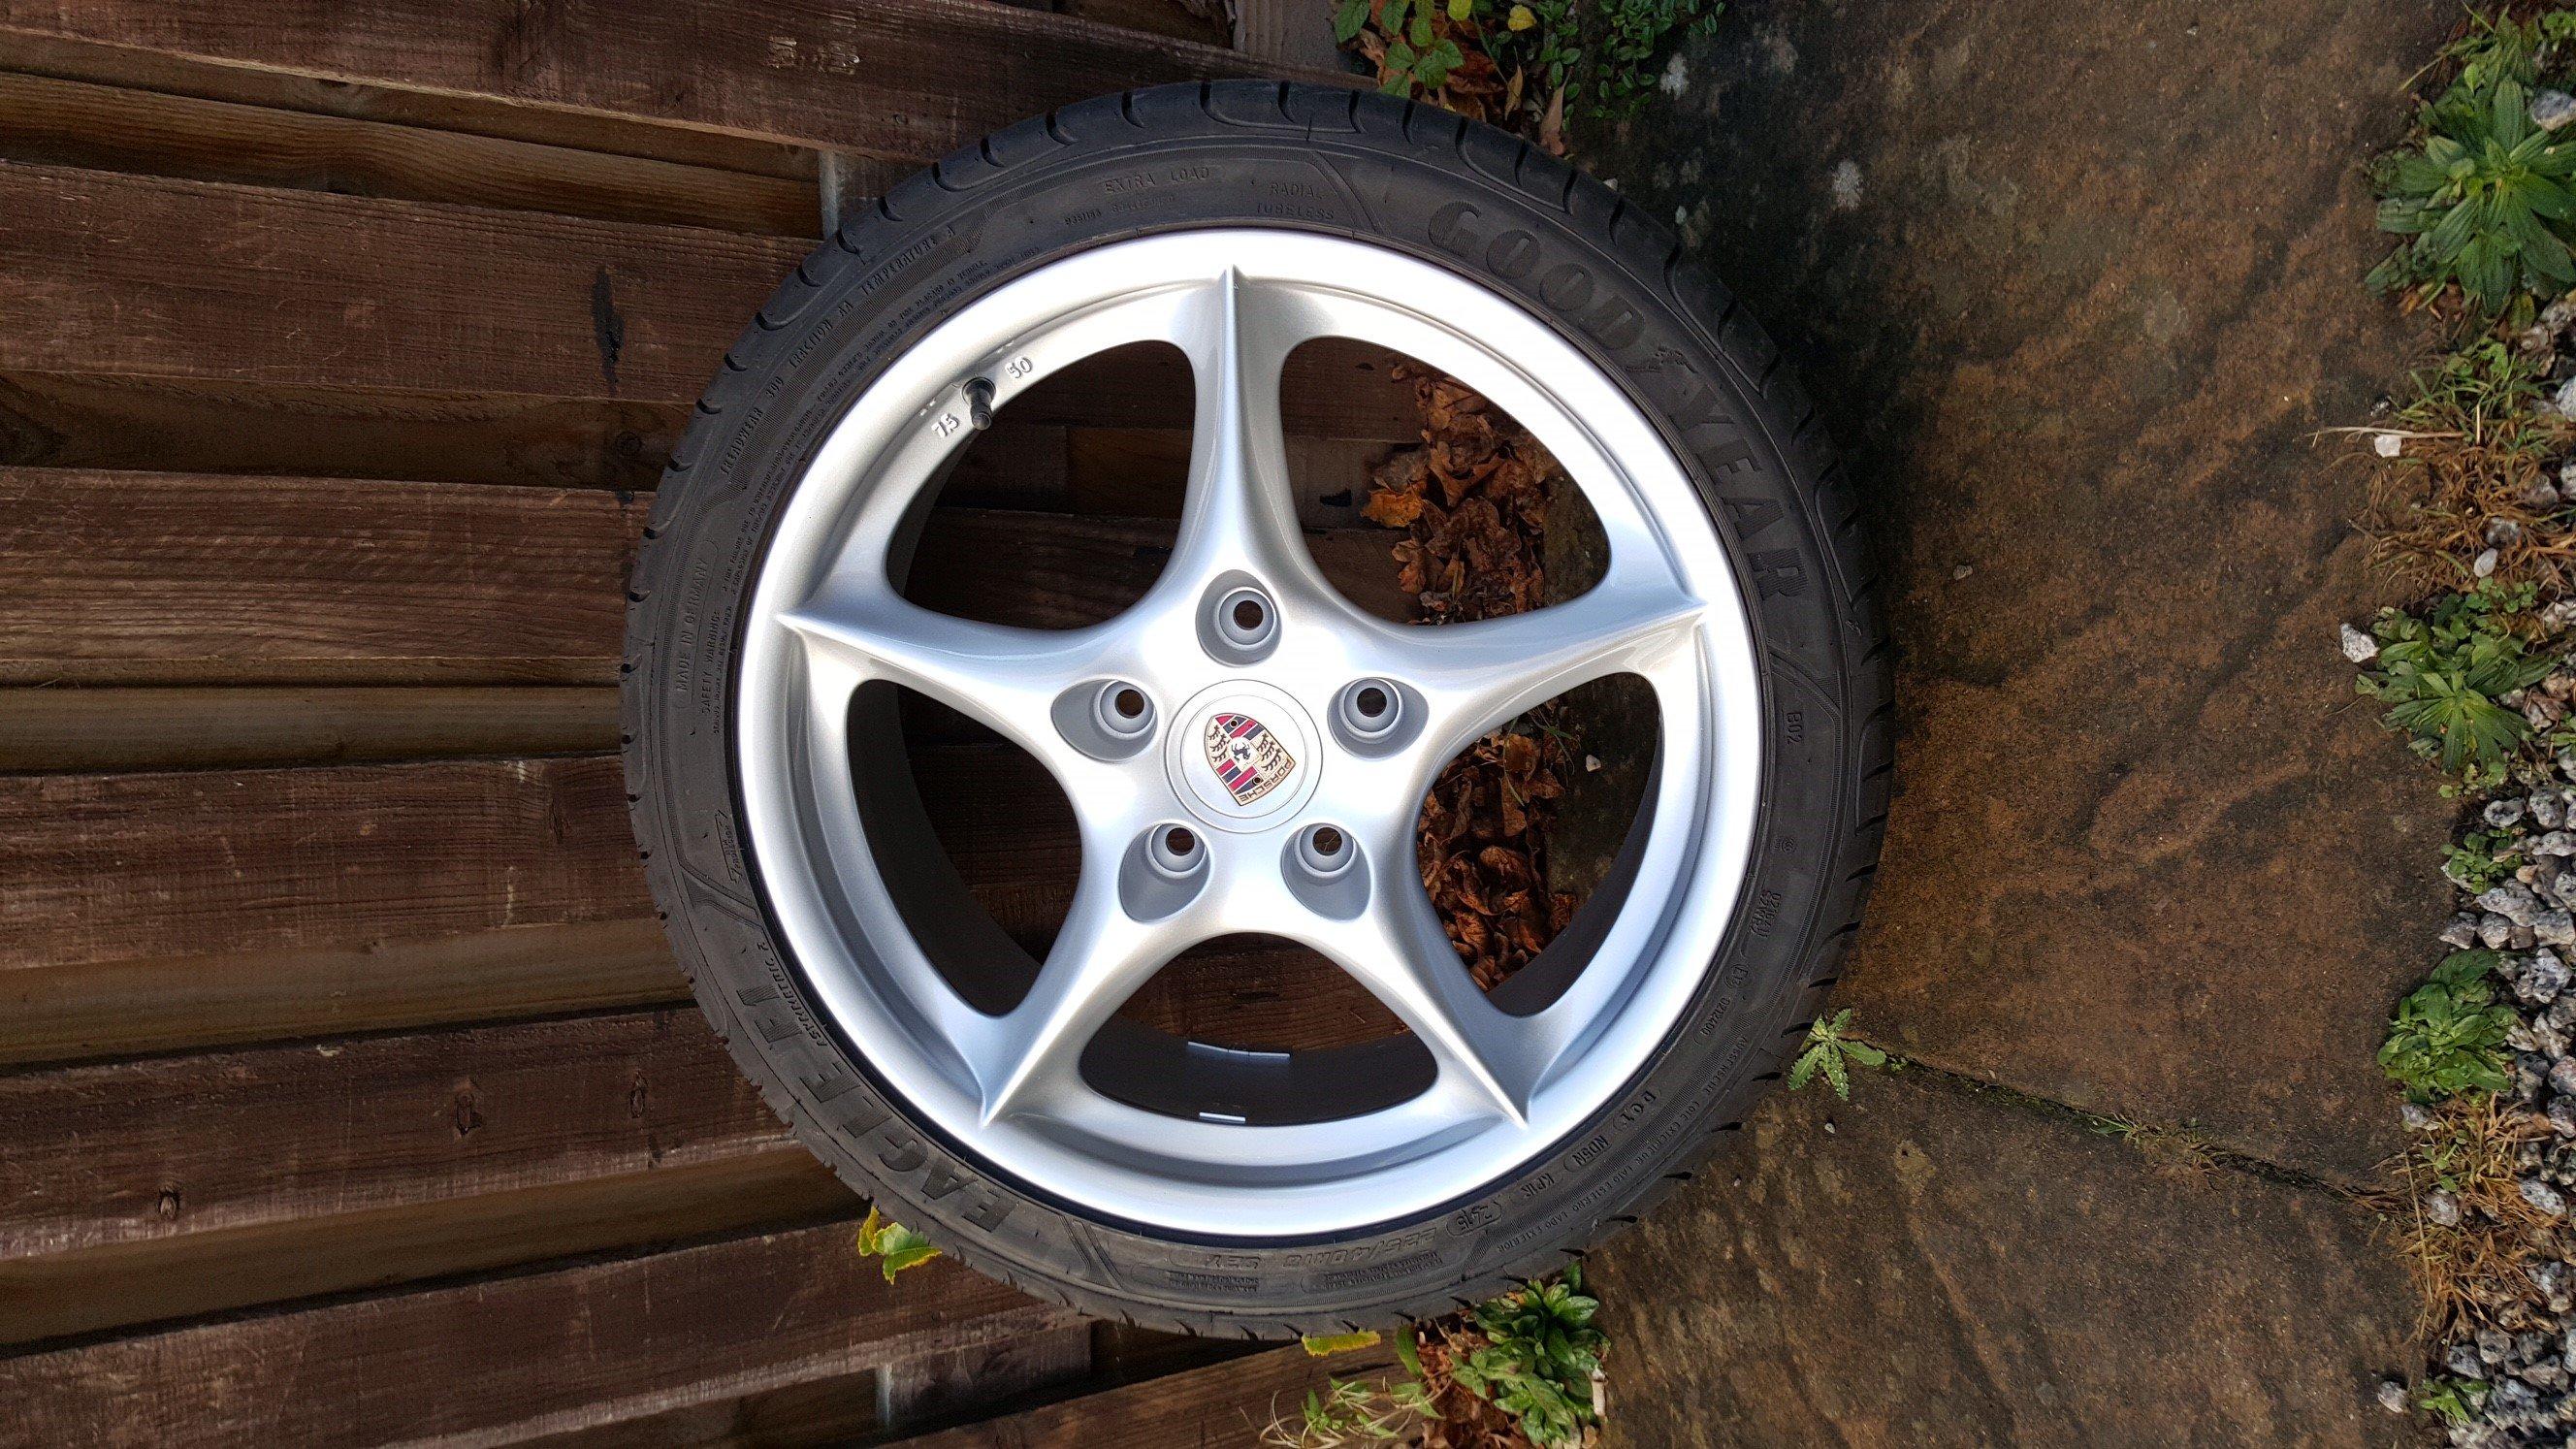 4 spoke alloy wheel